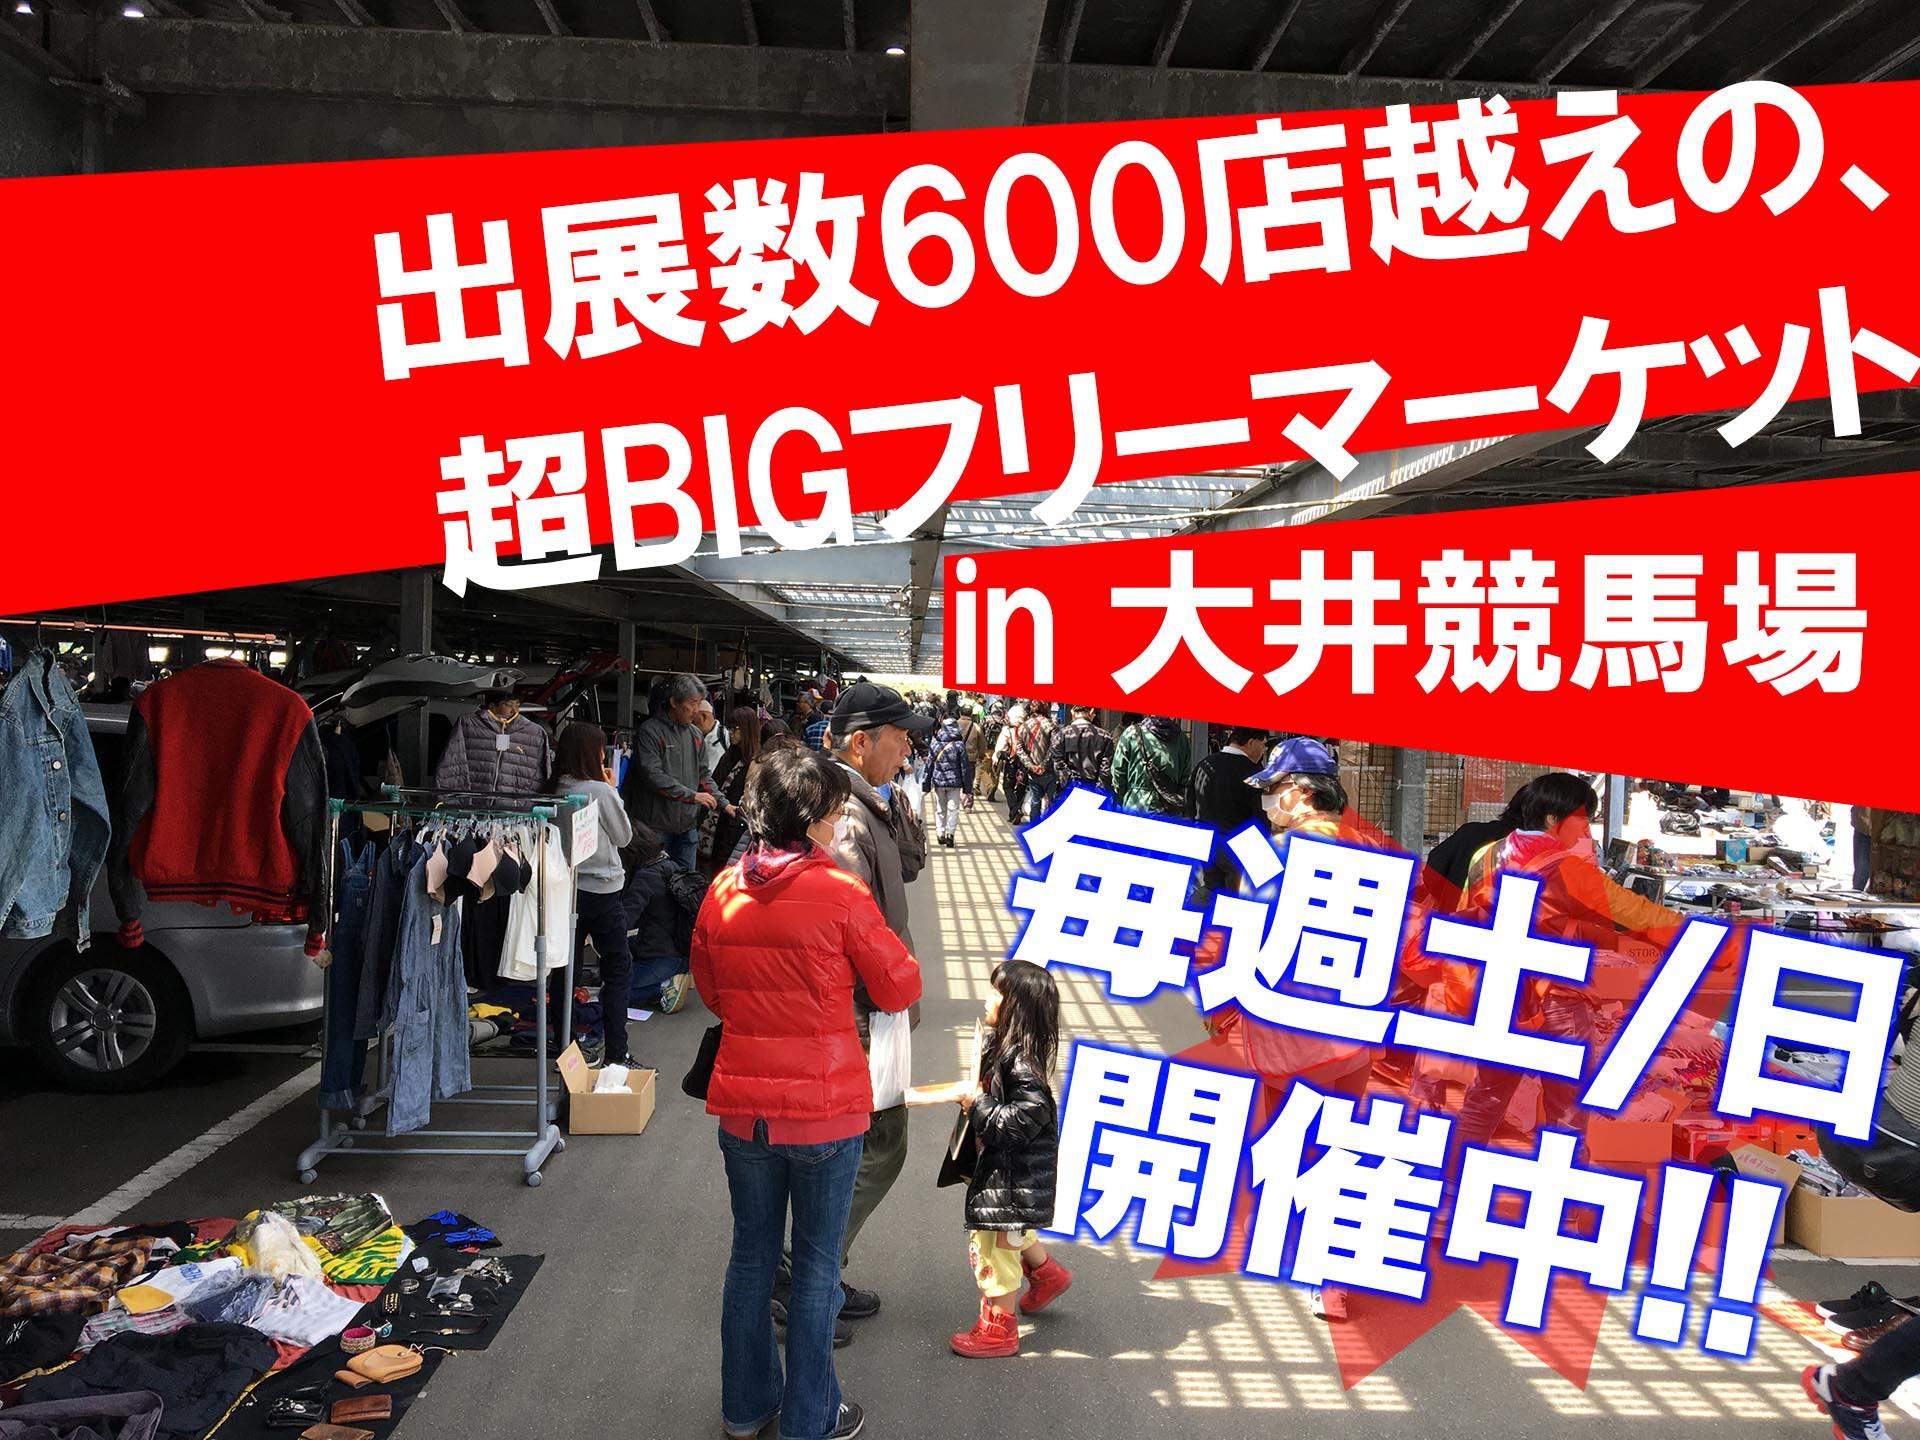 大井競馬場 フリーマーケット